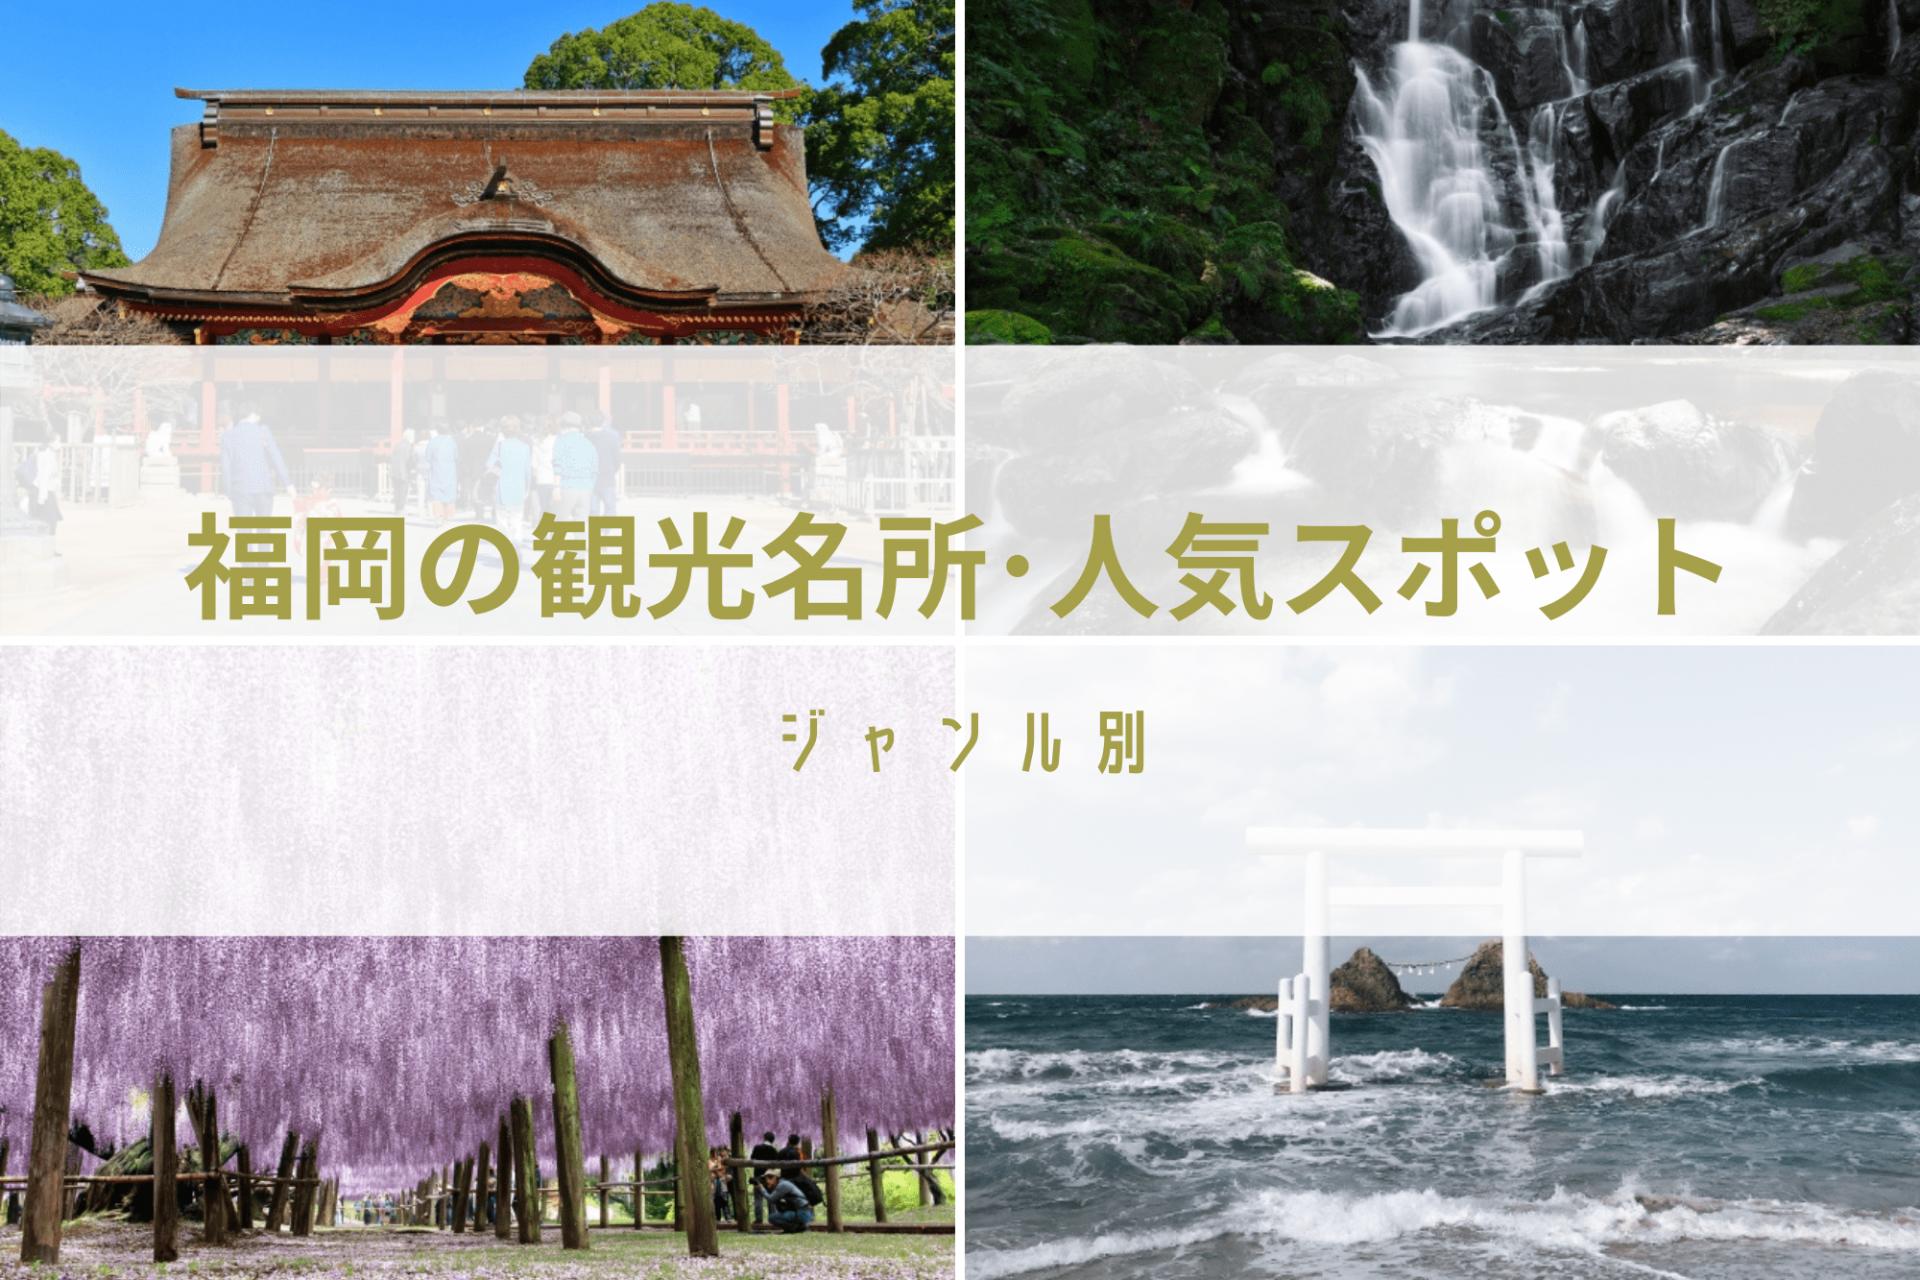 福岡 観光 名所 人気 スポット 九州 旅行 観光 おすすめ